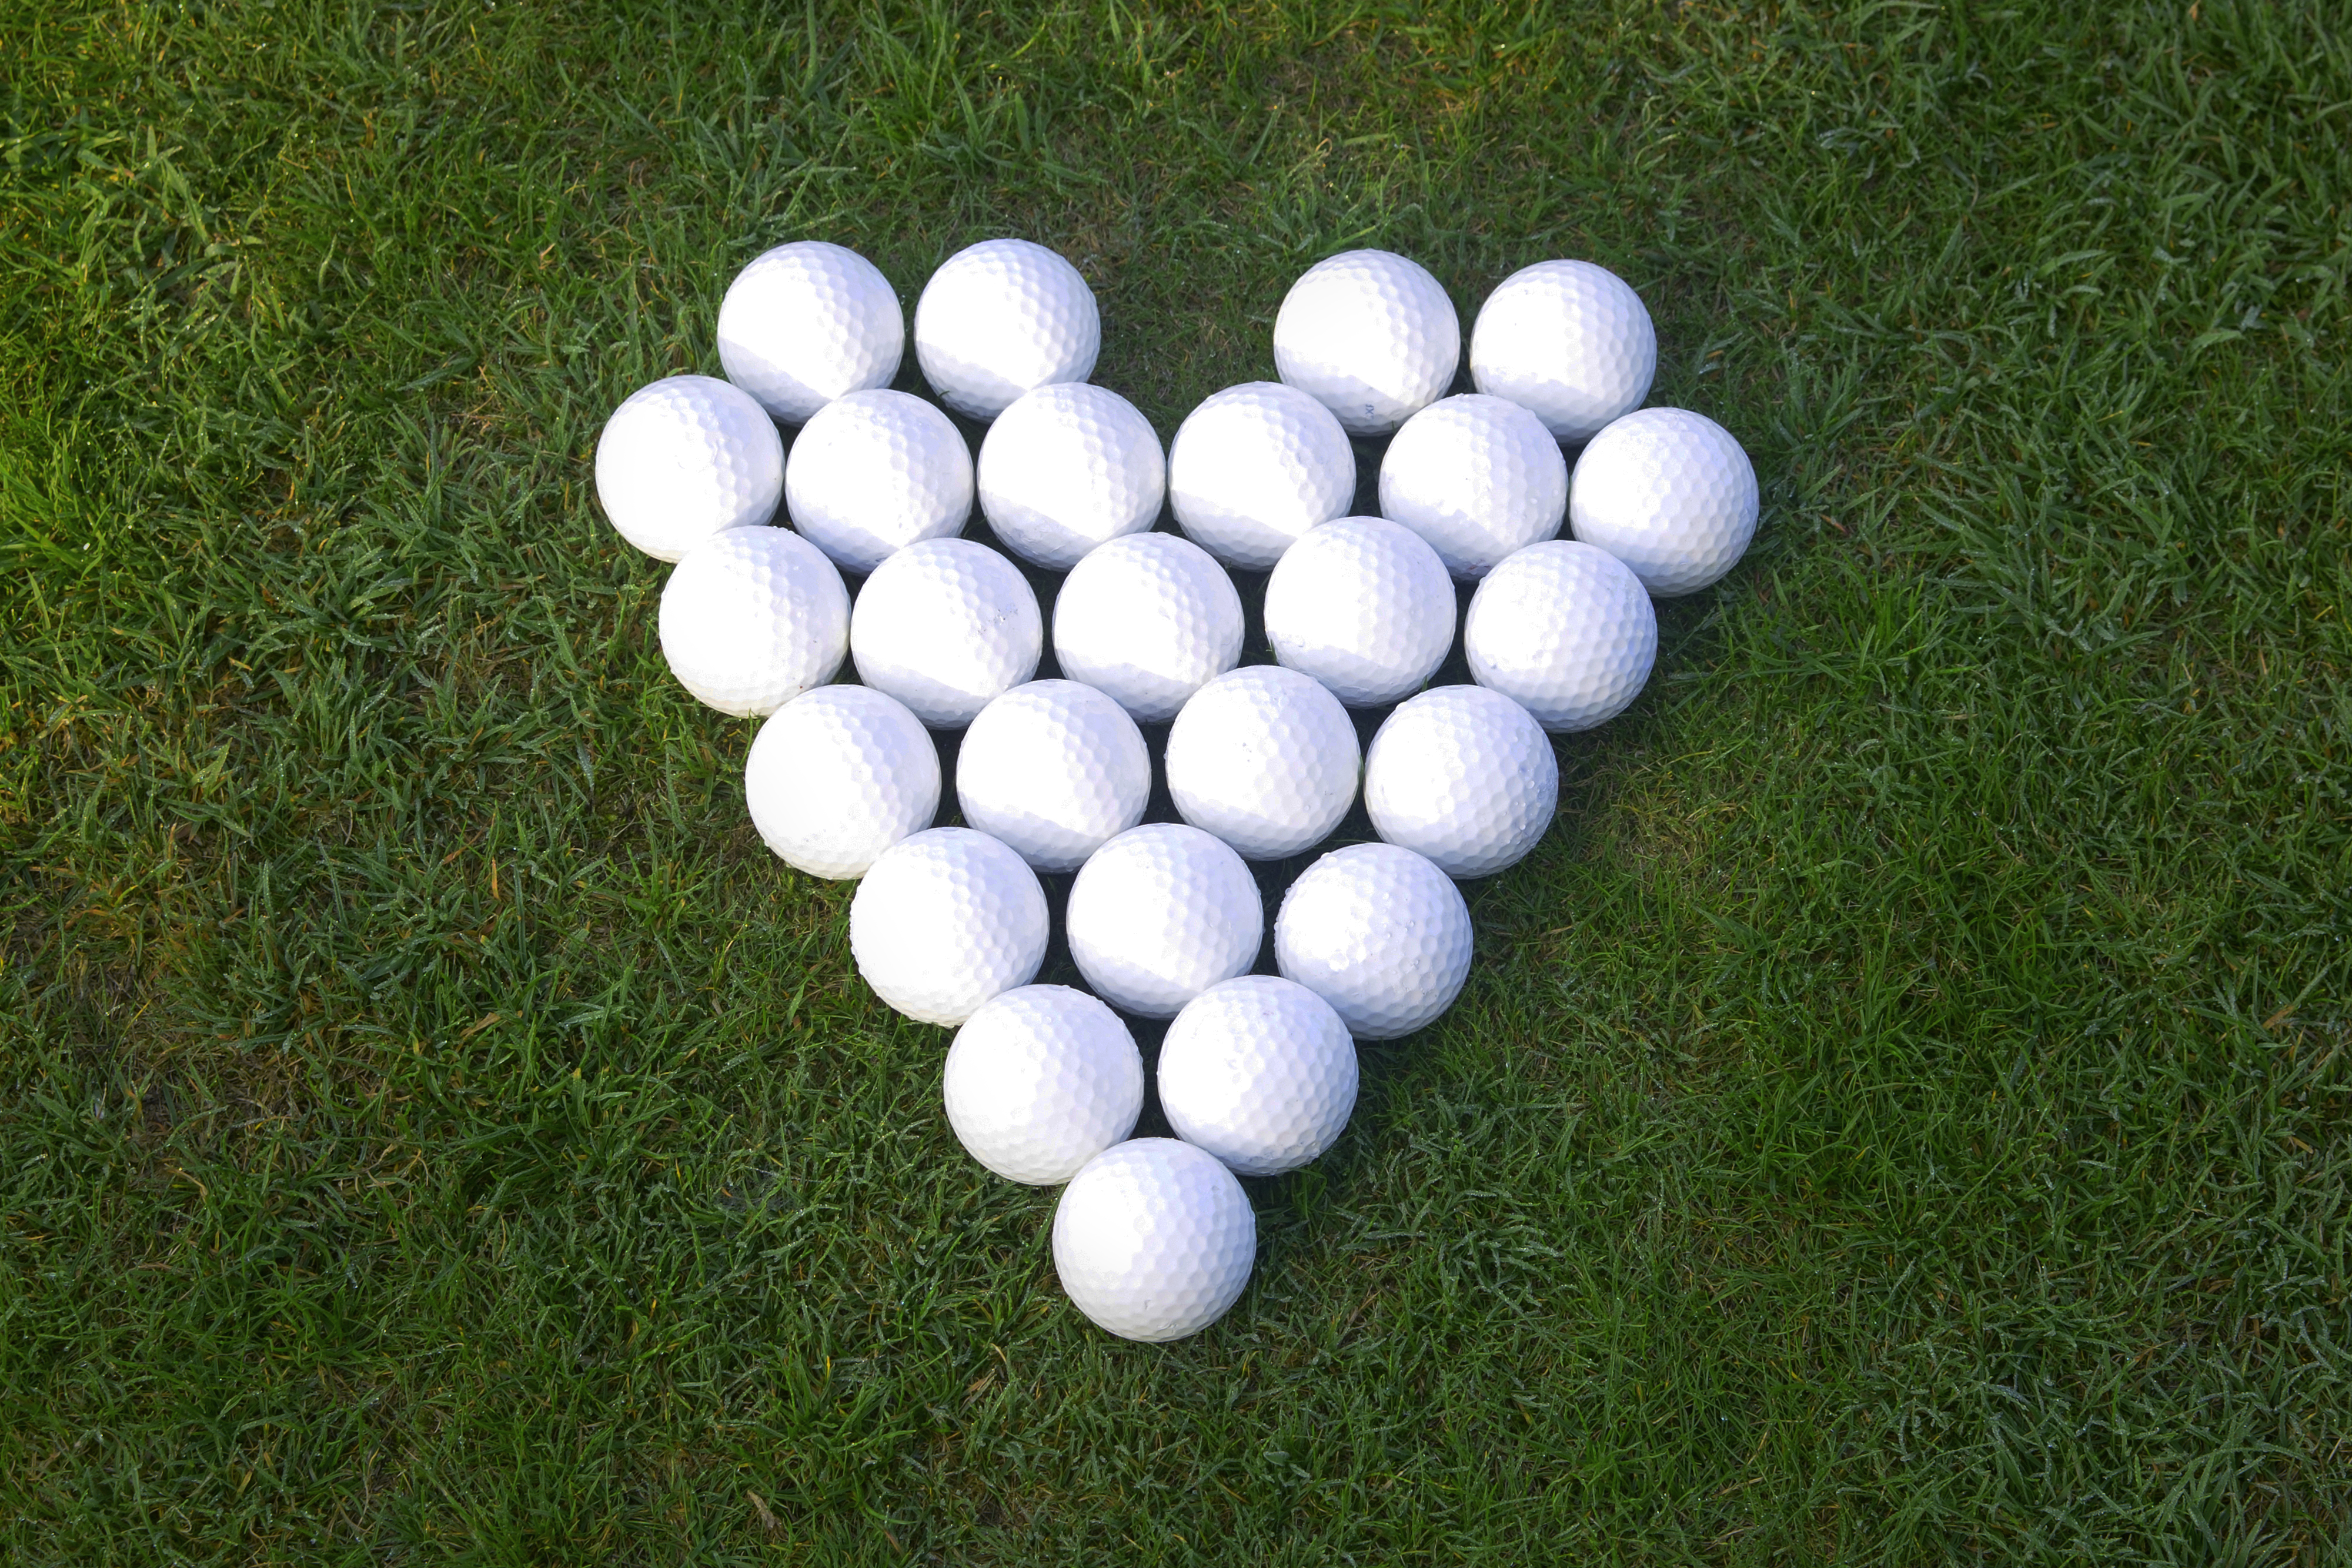 Love golf - love heart made of golf balls